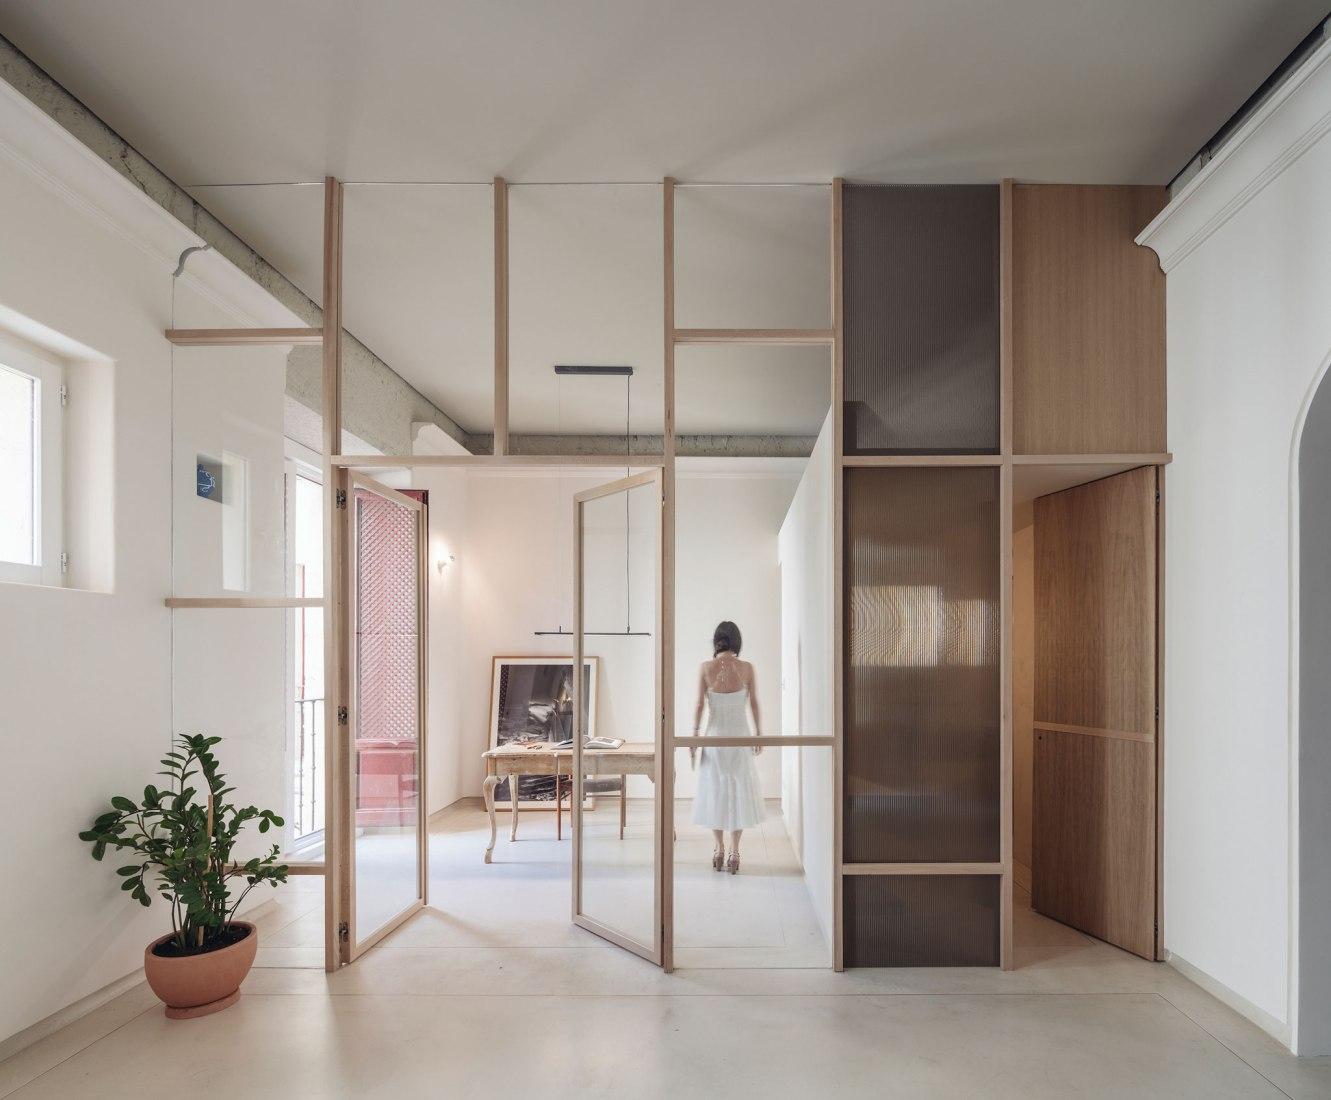 Casa en Palacio por Ideo Arquitectura. Fotografía por Imagen Subliminal  (Miguel de Guzmán + Rocío Romero).